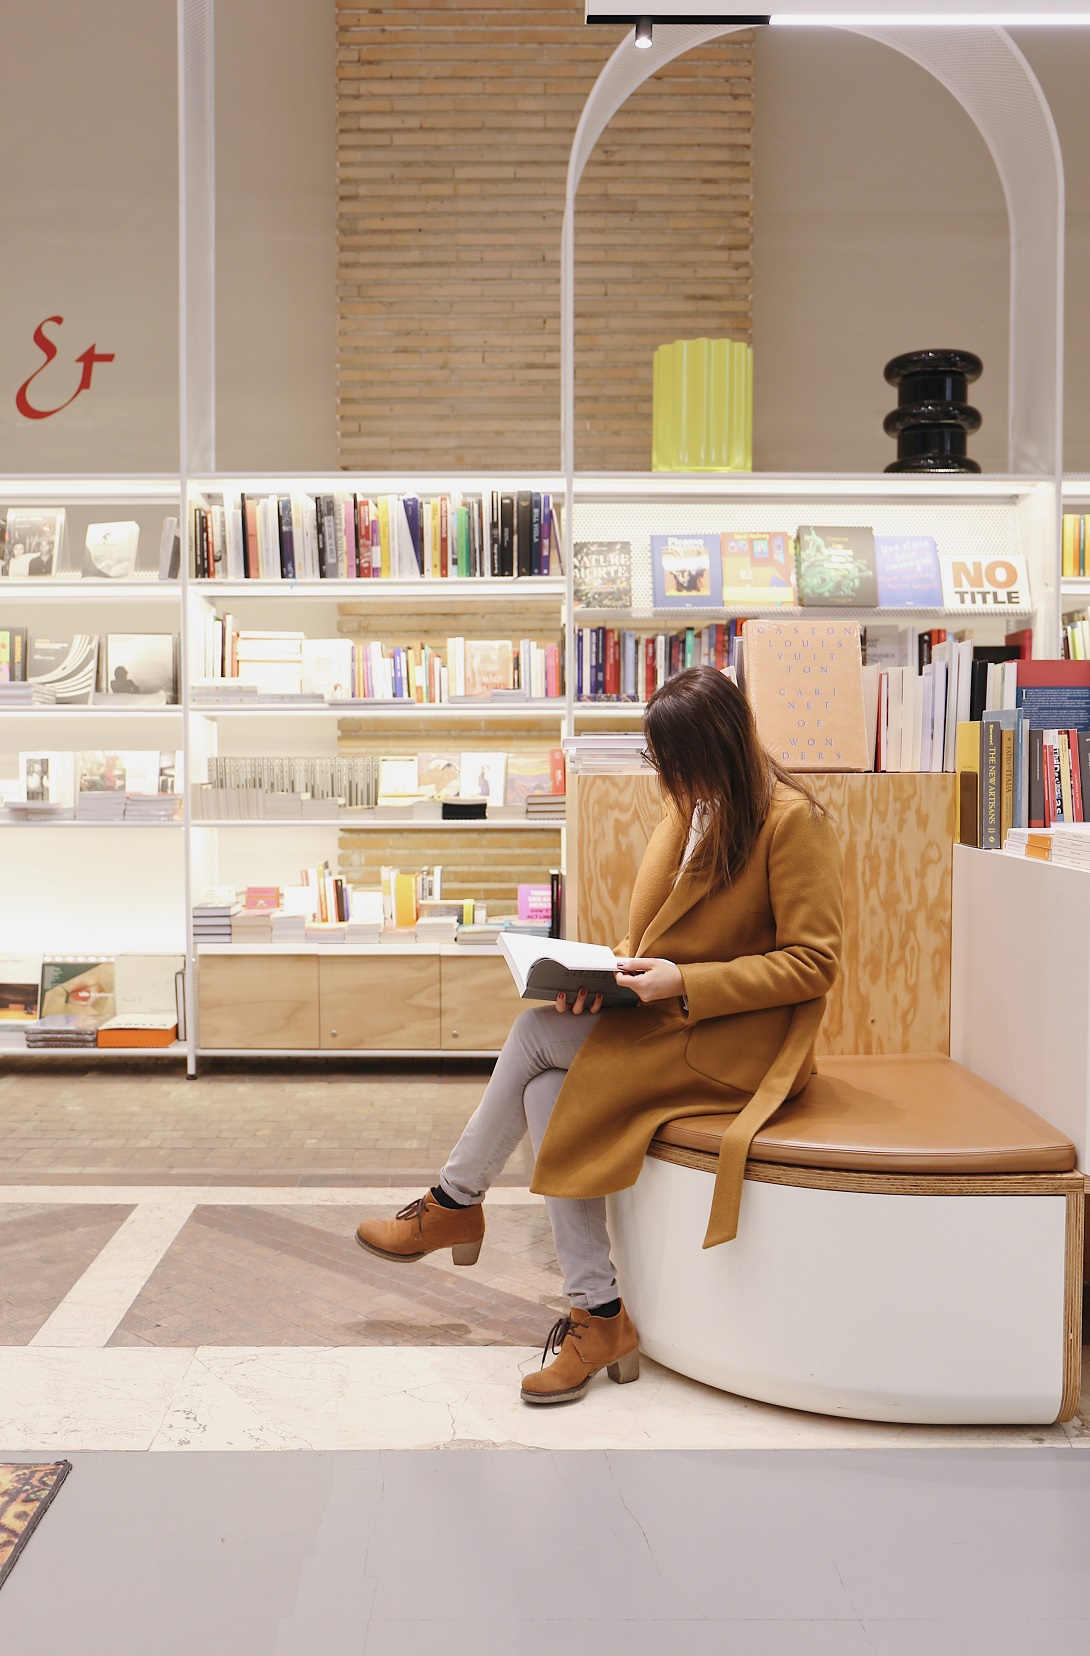 Bookshop Triennale foto di Stefano Sorce.